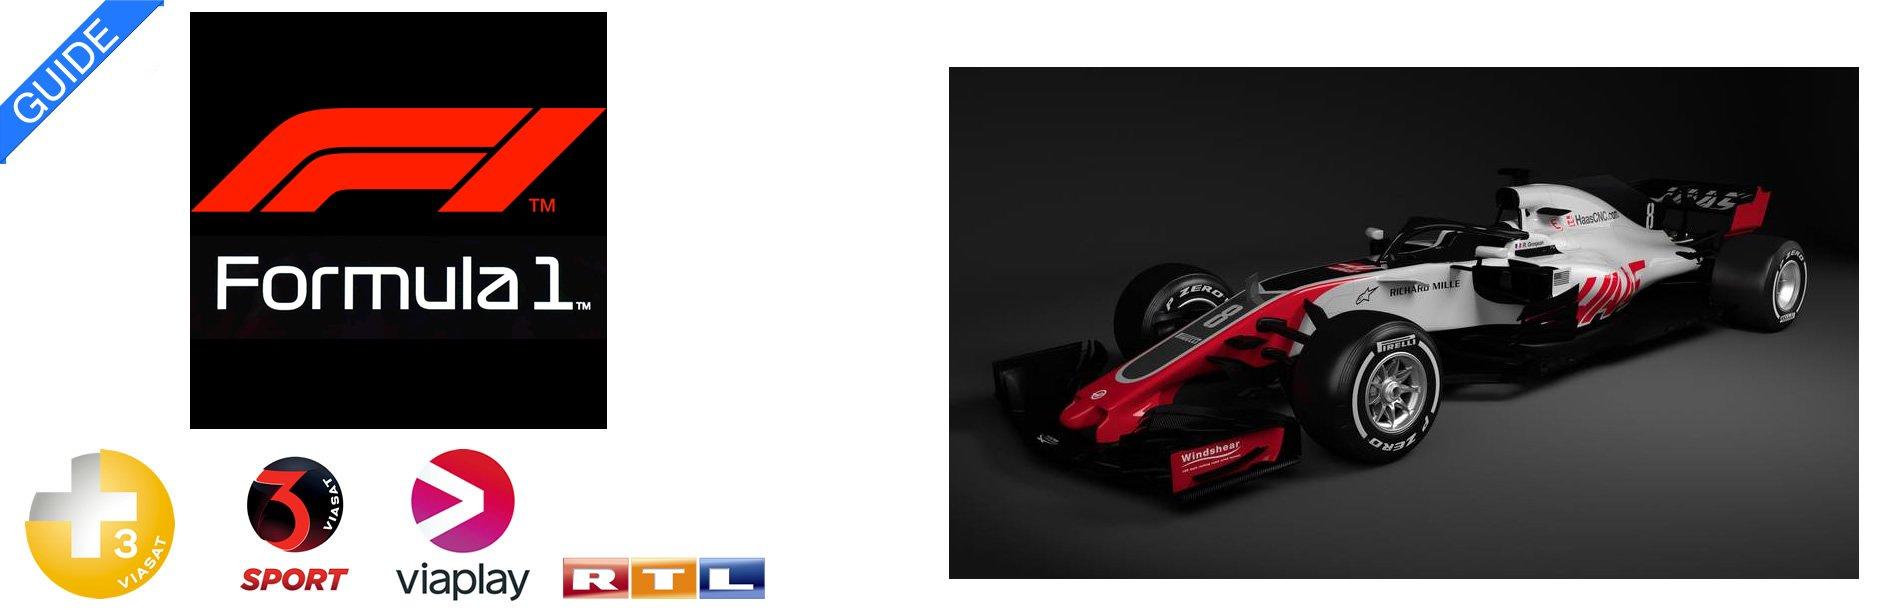 Formel 1 TV Oversigt Streaming 2018